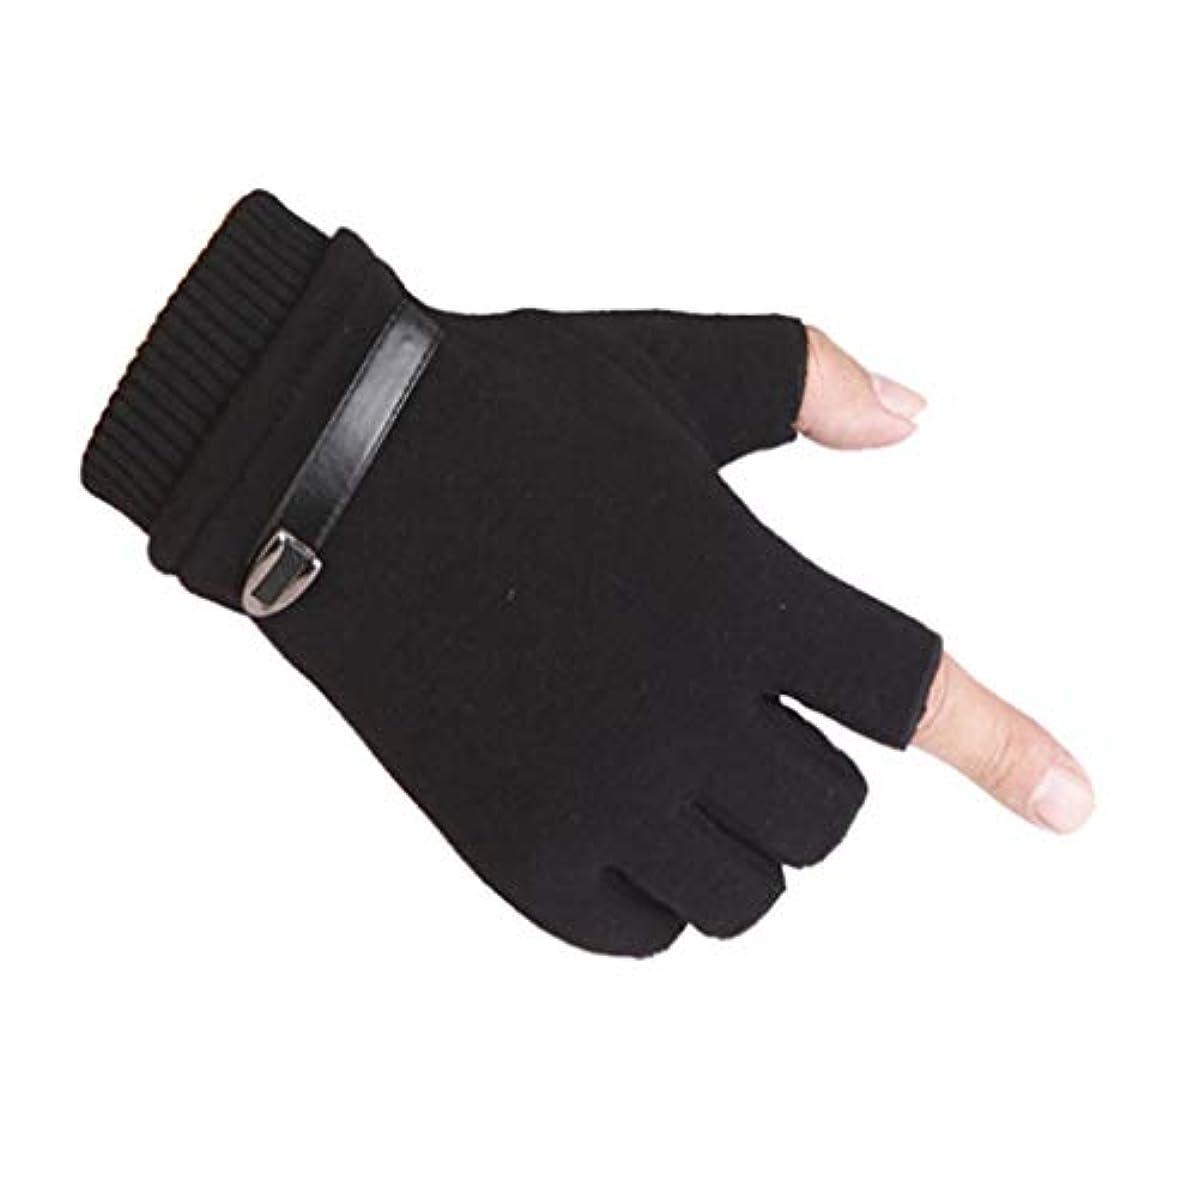 ビルマ浸食ワーディアンケース秋と冬プラスベルベット肥厚ハーフフィンガー手袋男性と女性ベルベット生徒は指を離してカップルの手袋黒の男性モデルに乗ってコンピュータタイピングを書くことではない